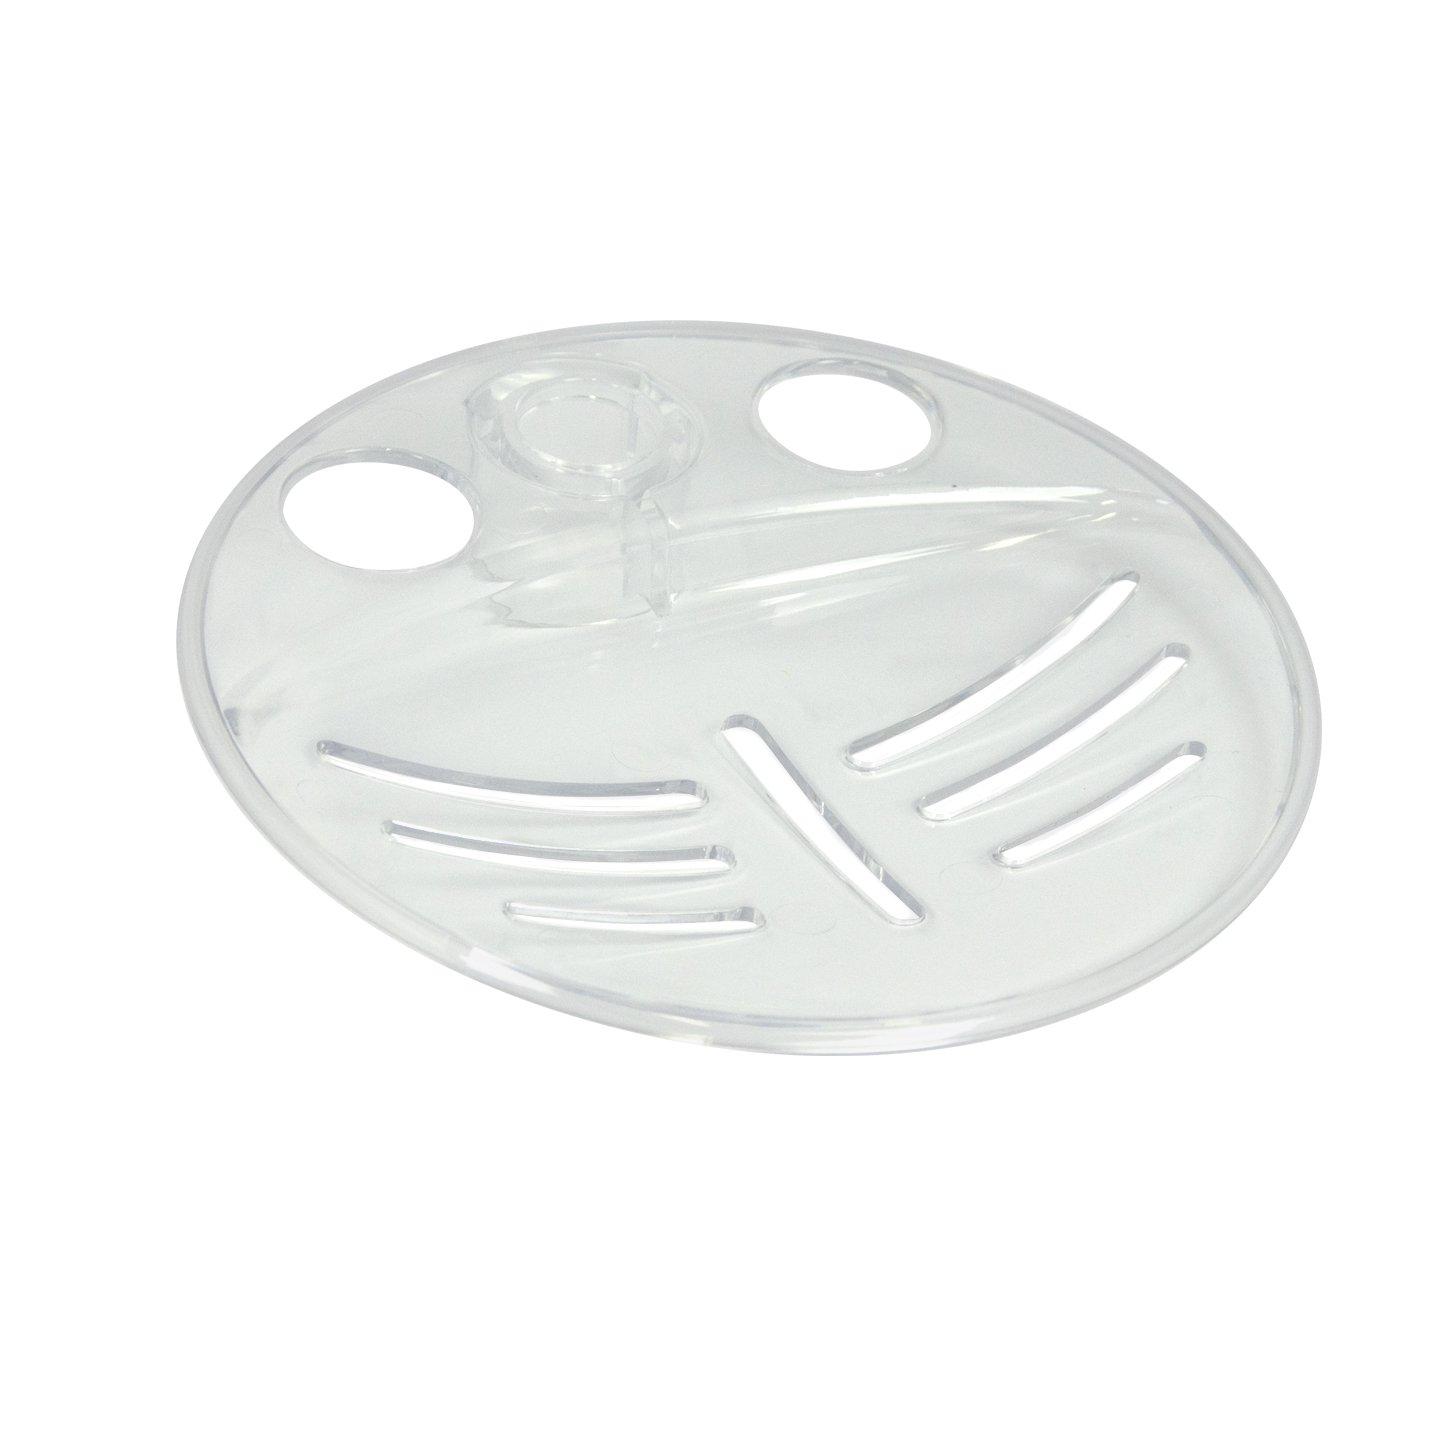 Triton 19mm Riser Rail Soap Dish - White RERRSD19WHT